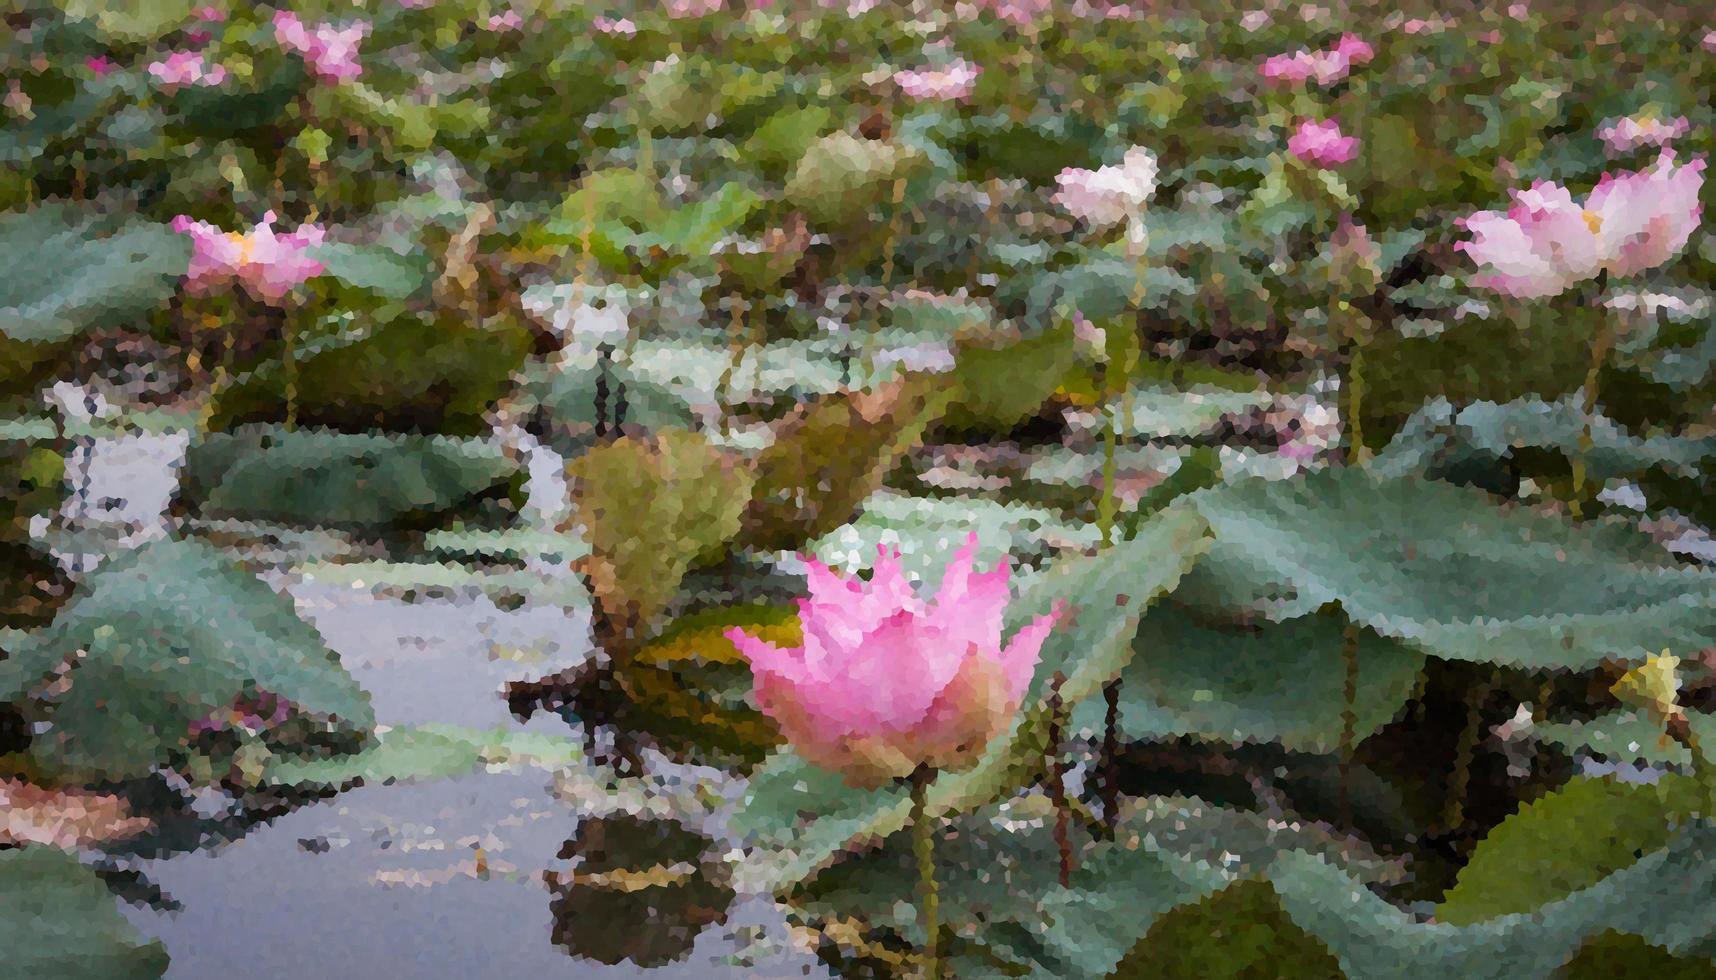 estanque de lirios con flores de loto rosa foto